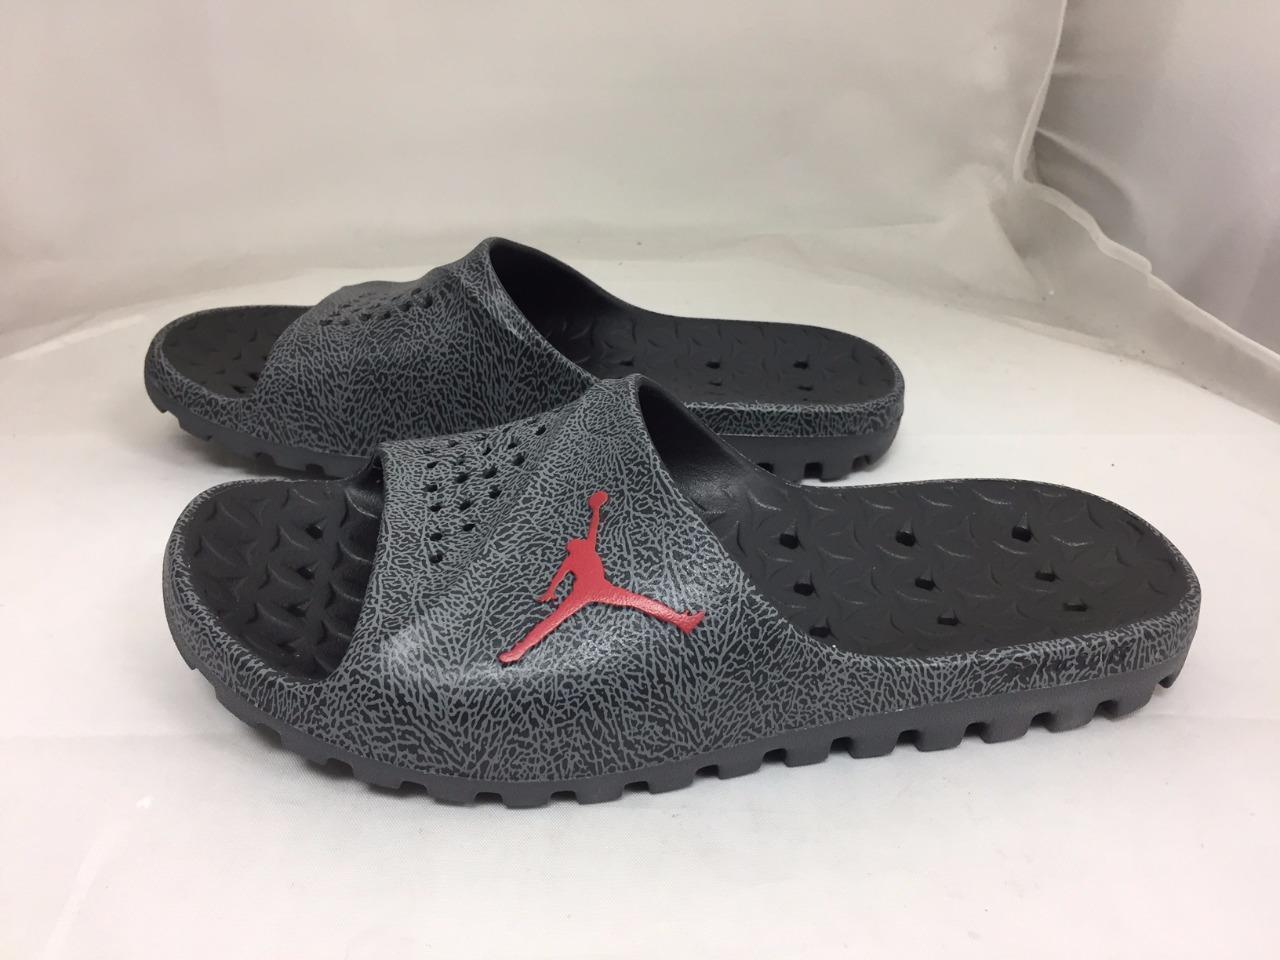 b6a2e456a4a22 Nike Jordan Super.fly Team Slide 2 Size 8 Grey Flip Flop Sandal ...